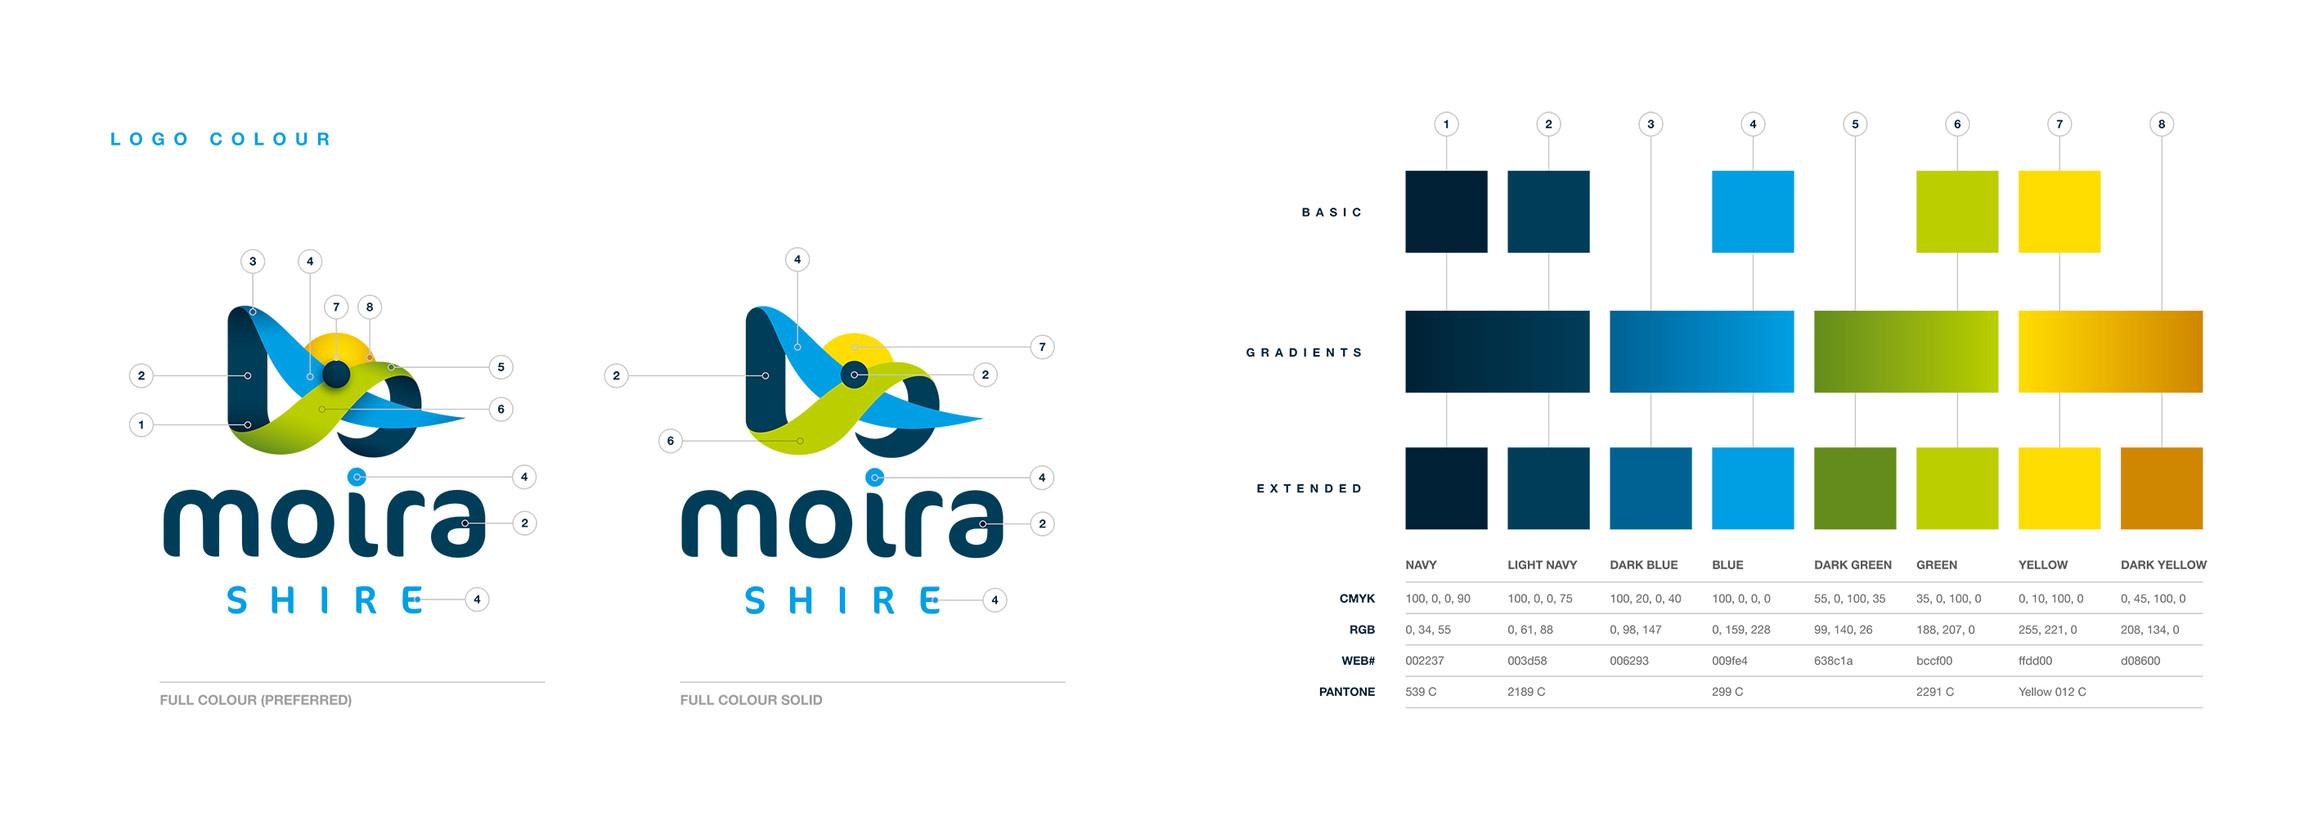 Moira_Branding_3.jpg